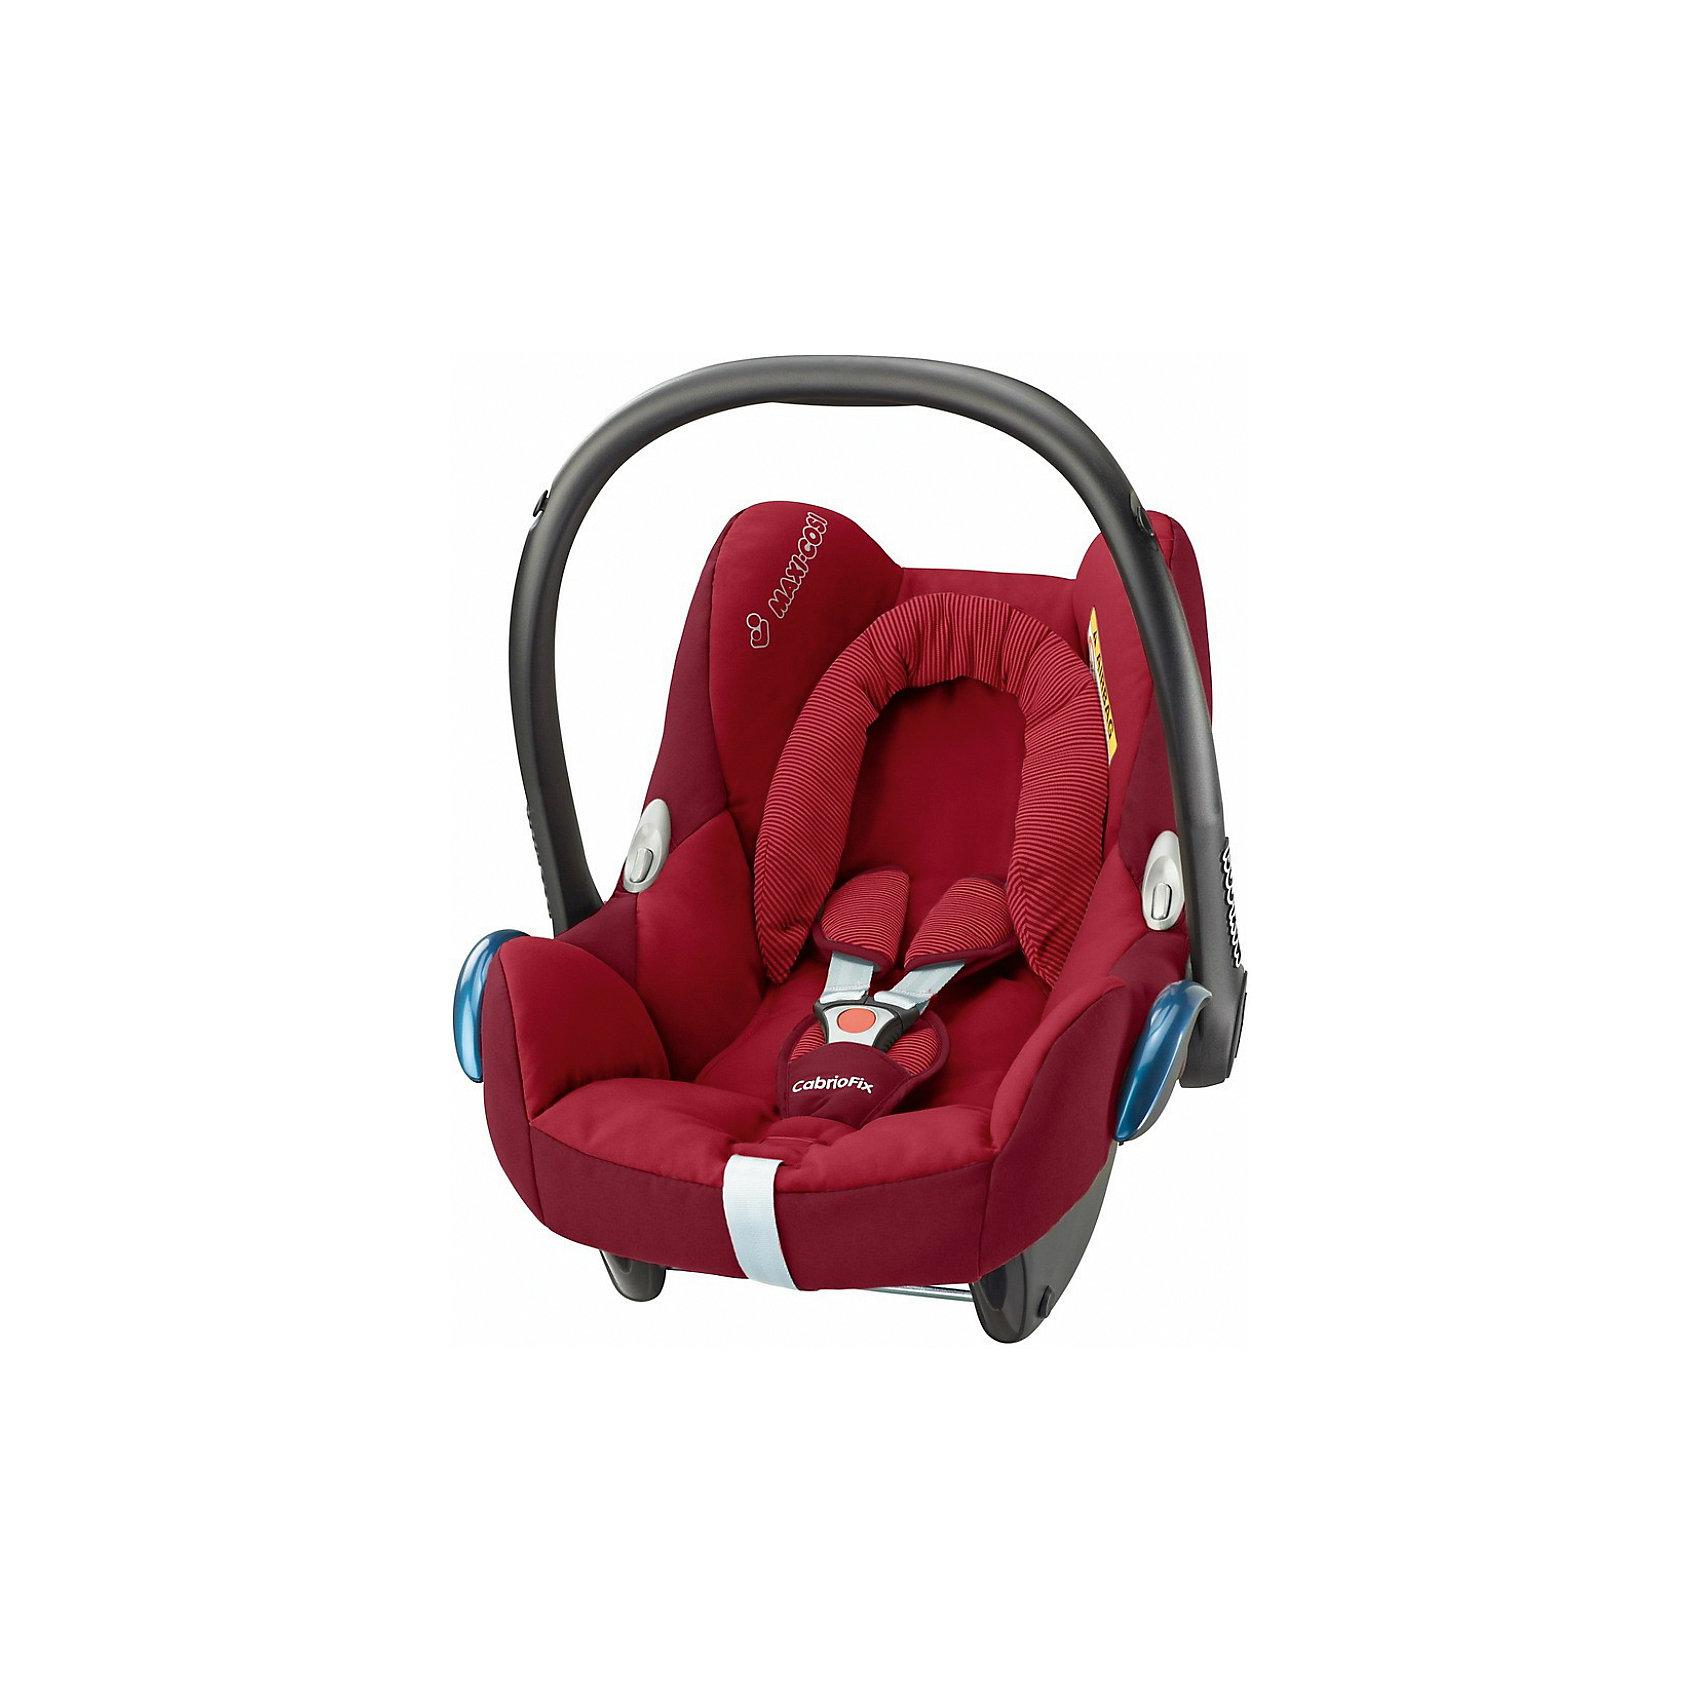 Автокресло Maxi-Cosi CabrioFix 0-13 кг, Robin RedГруппа 0+ (До 13 кг)<br>Автокресло CabrioFix гарантирует детям комфорт и безопасность во время путешествий на автомобиле. Кресло монтируется с помощью штатных ремней безопасности. Глубина сиденья может варьироваться в зависимости от веса ребенка, объемные бортики гарантирует прекрасную защиту от боковых ударов. Кресло дополнено небольшой подушечкой, с регулируемым объемом, обеспечивающую комфортные путешествия даже самым юным пассажирам. Трехточечные страховочные ремни с мягкими накладками и централизованной системой натяжения позволяют регулировать длину одним движением руки. Кресло имеет козырек от солнца. Чехол модели изготовлен из стойкого к загрязнениям, прочного и приятного на ощупь материала, быстро и удобно снимается, его можно стирать в деликатном режиме.<br><br>Дополнительная информация:<br><br>- Материал: текстиль, пластик, металл.<br>- Максимальная ширина внутри сиденья по бедрам: 29 см. <br>- Минимальная ширина внутри сиденья (по верху головы): 44 см. <br>- Максимальная глубина внутри сиденья: 31 см. <br>- Высота: 50 см. <br>- Вес: 3.25 кг.<br>- Группа 0+ (до 13 кг).<br>- Соответствует требованиям ECE-R44/04.<br>- Установка в автомобиле: с помощью штатных ремней. <br>- Устанавливается против хода движения. <br>- Трехточечные ремни безопасности.<br>- Защита от боковых ударов.<br>- Встроенный регулятор может варьировать глубину сиденья.<br>- Подушечка с регулировкой объема.<br>- Козырек, небольшой отсек для вещей и игрушек.<br>- Съемный чехол (можно стирать в деликатном режиме). <br><br>Автокресло CabrioFix 0-13 кг., Maxi-Cosi (Макси-Коси Кабрио Фикс), Robin Red,  можно купить в нашем магазине.<br><br>Ширина мм: 445<br>Глубина мм: 375<br>Высота мм: 725<br>Вес г: 3300<br>Цвет: красный<br>Возраст от месяцев: 0<br>Возраст до месяцев: 12<br>Пол: Унисекс<br>Возраст: Детский<br>SKU: 4790757